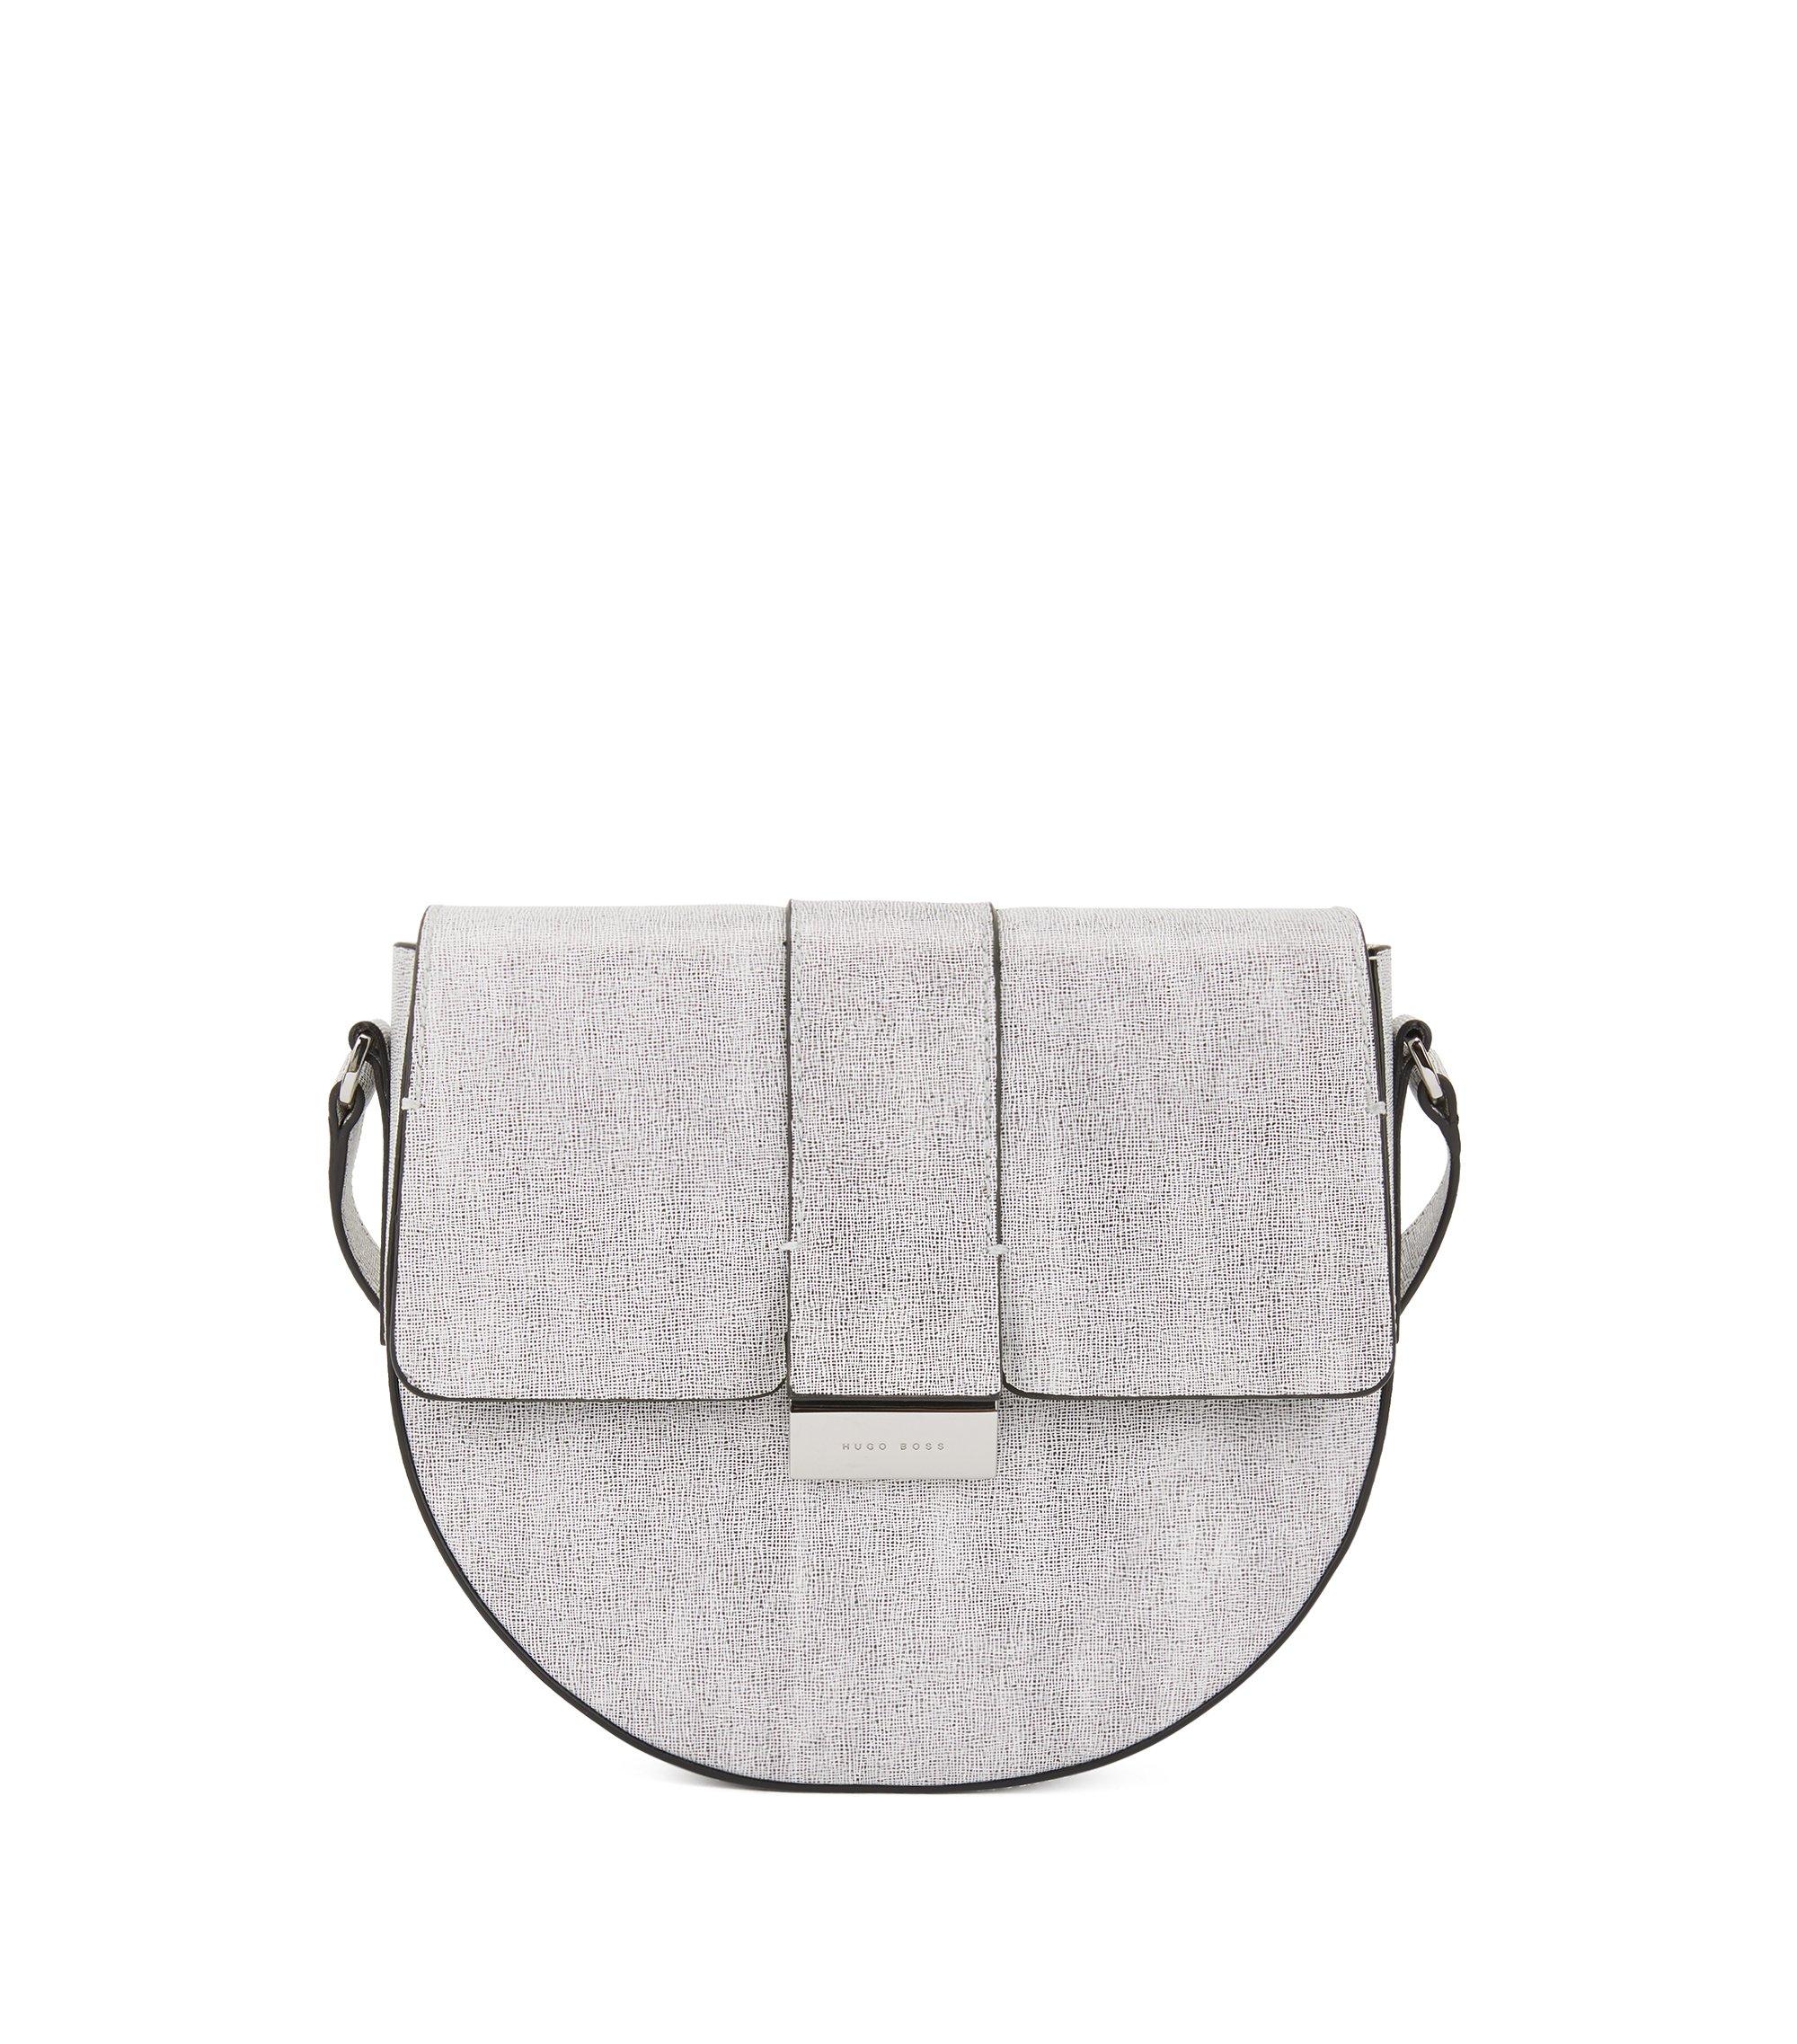 Satteltasche aus italienischem Leder mit charakteristischem Palladium-Verschluss, Weiß